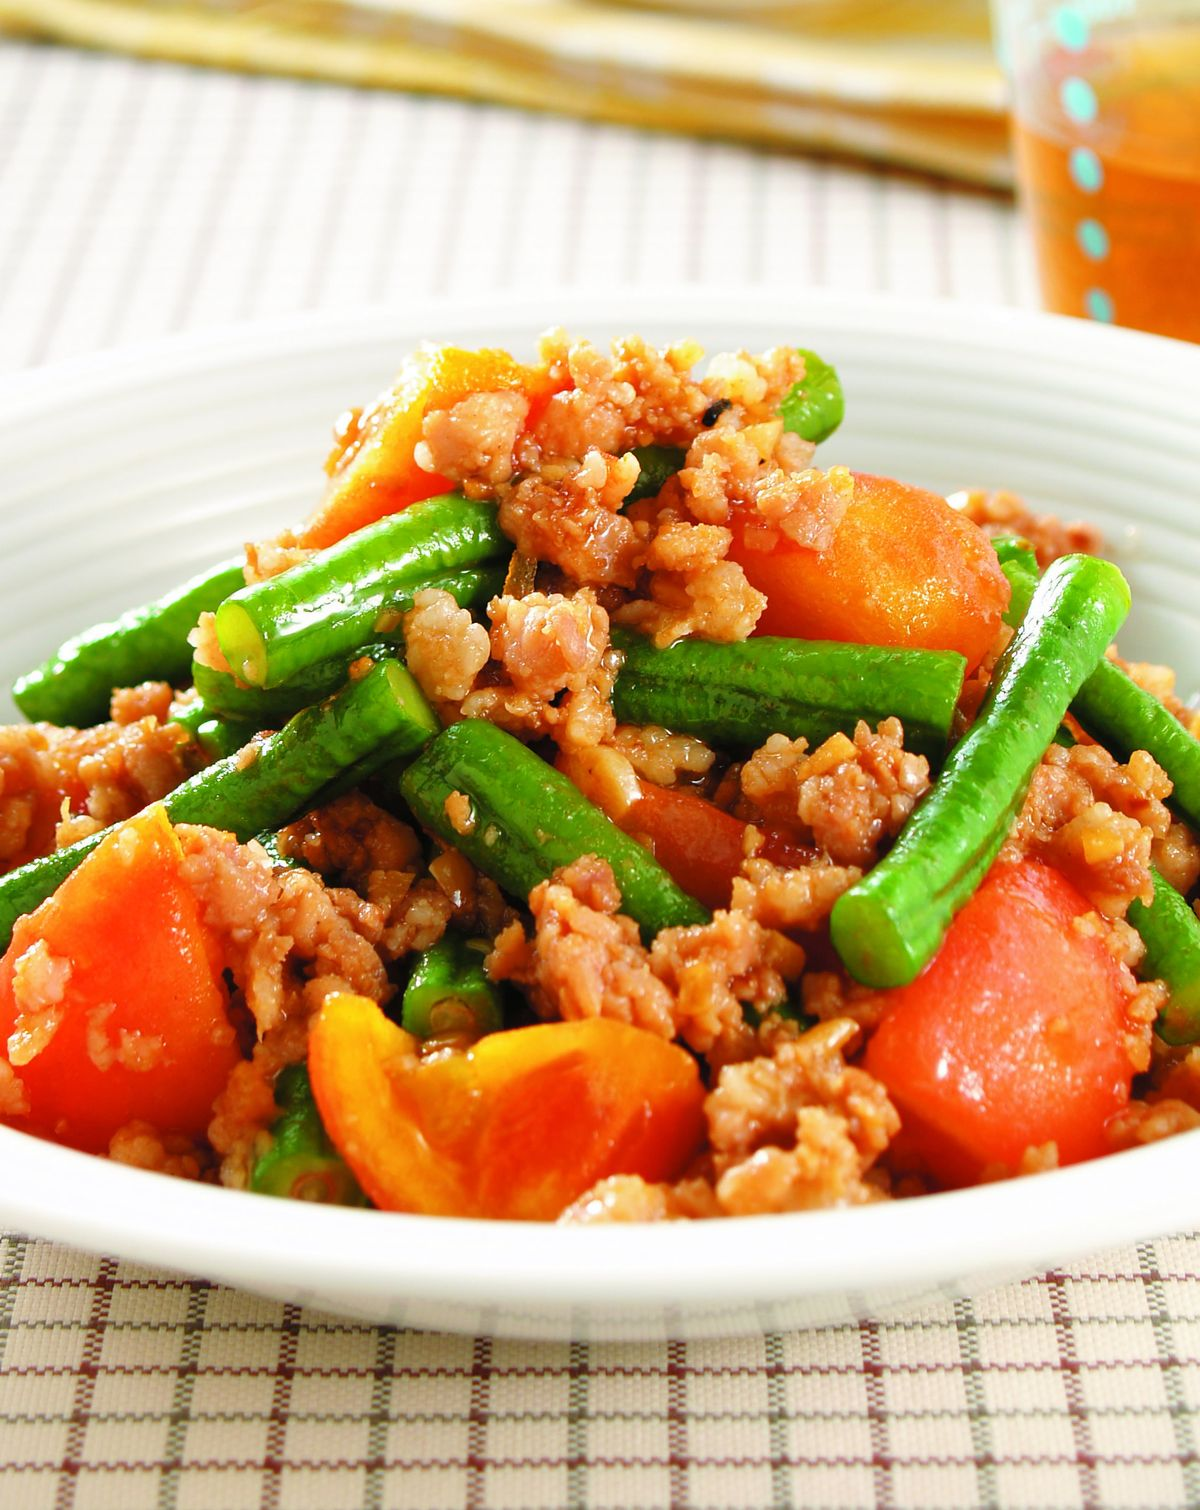 食譜:長豆炒蕃茄